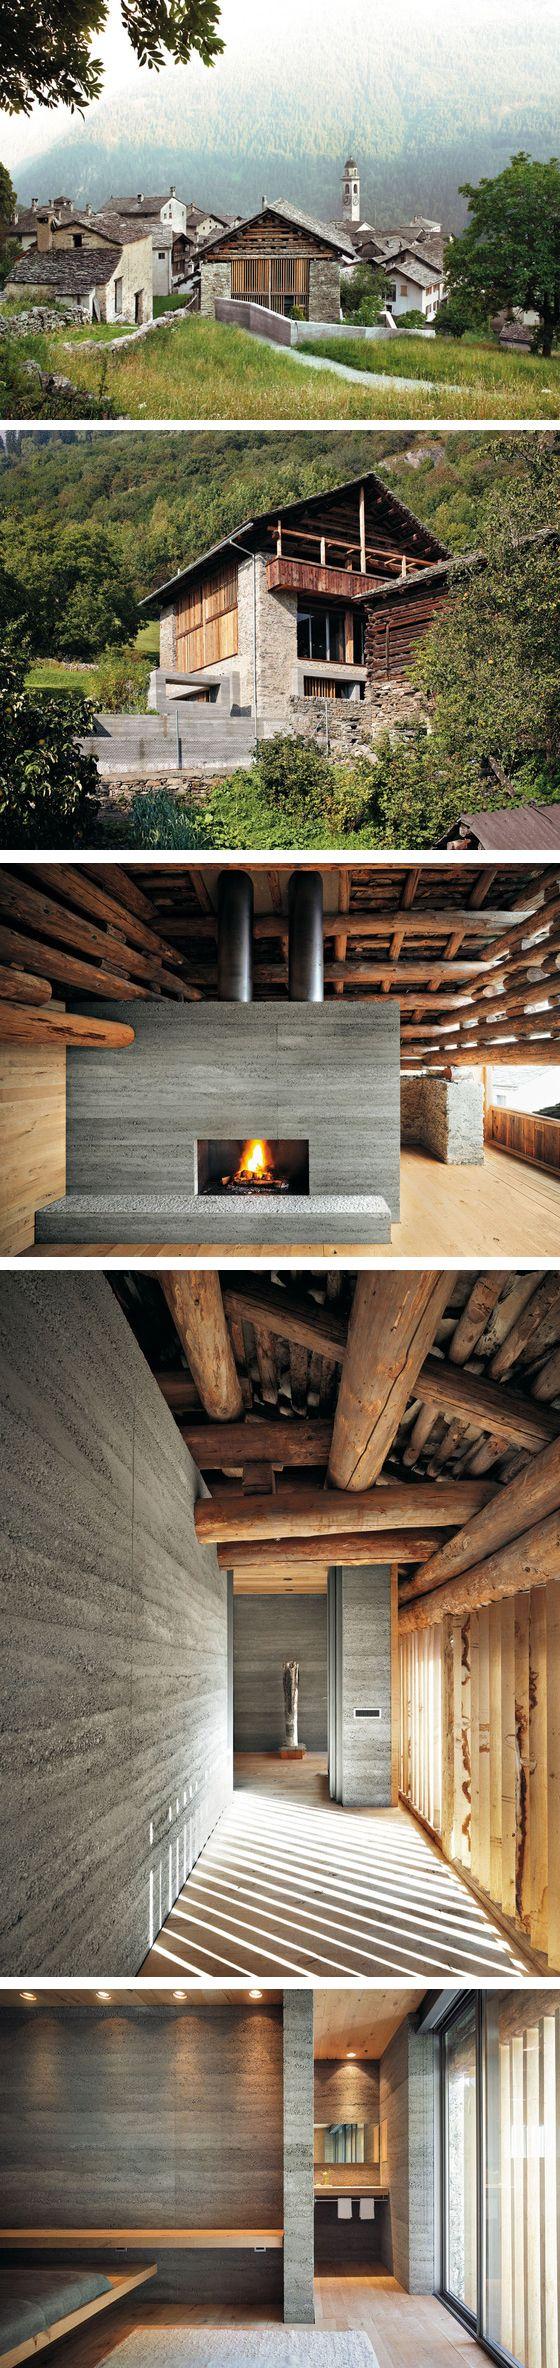 Architect Ruinelli Associati Architetti http://www.ruinelli-associati.ch/de/progetti/riqualifica-stalla